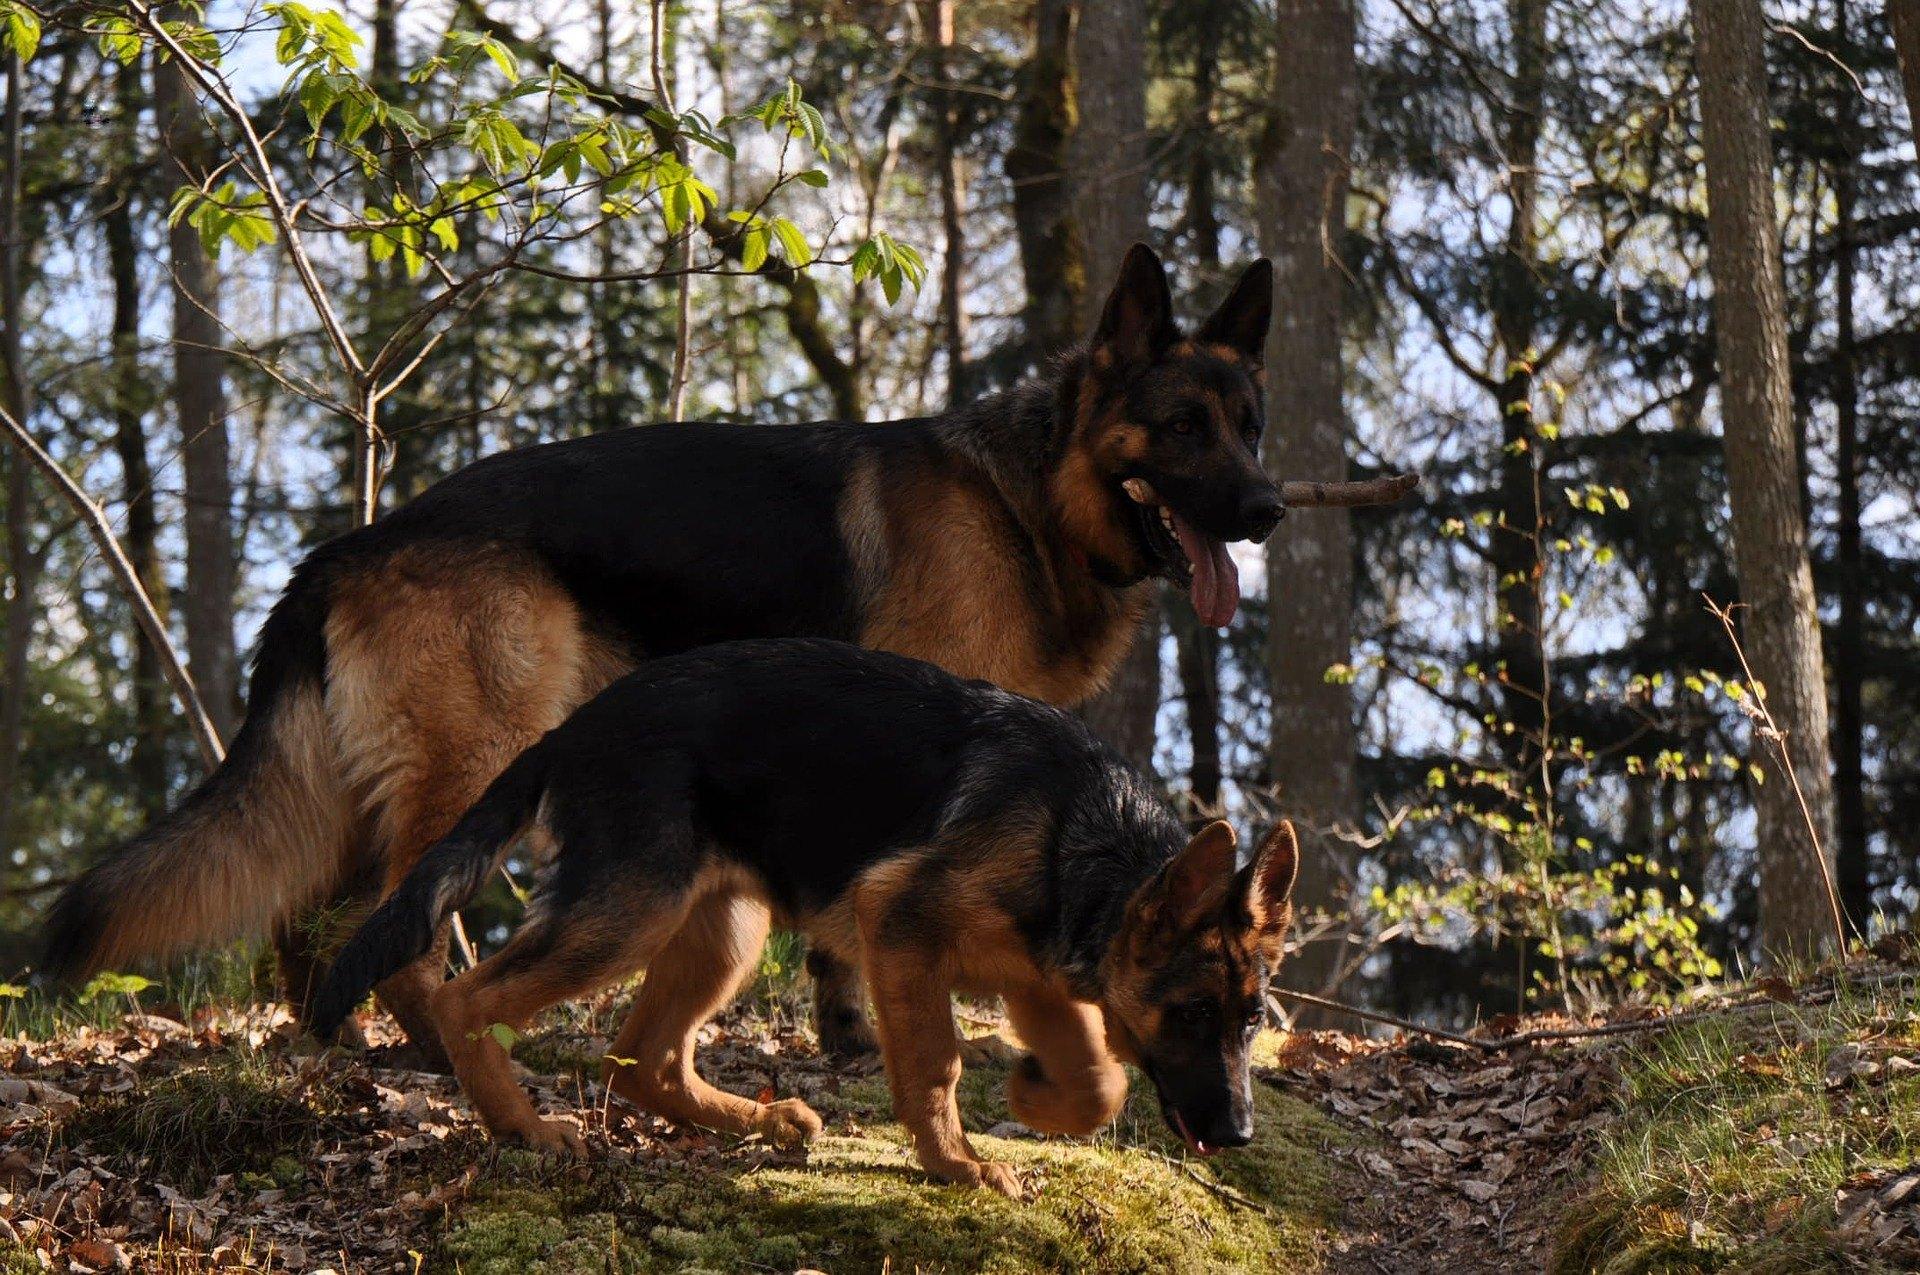 Nemecký ovčiak je jedným z najpopulárnejších plemien na svete. Sú to inteligentné, pohotové a priateľské psy.